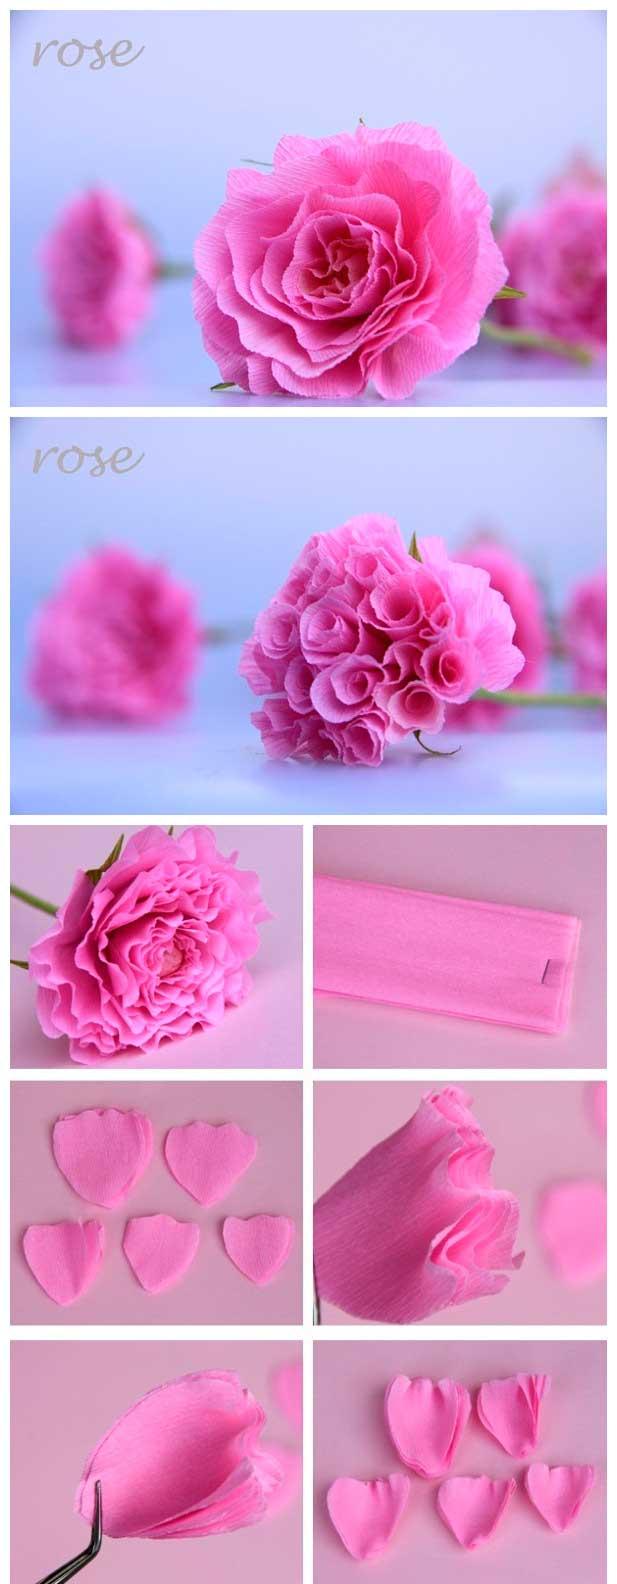 Como Fazer Rosa de Papel Crepom Painel Criativo -> Decoração De Festa Com Papel Crepom Passo A Passo